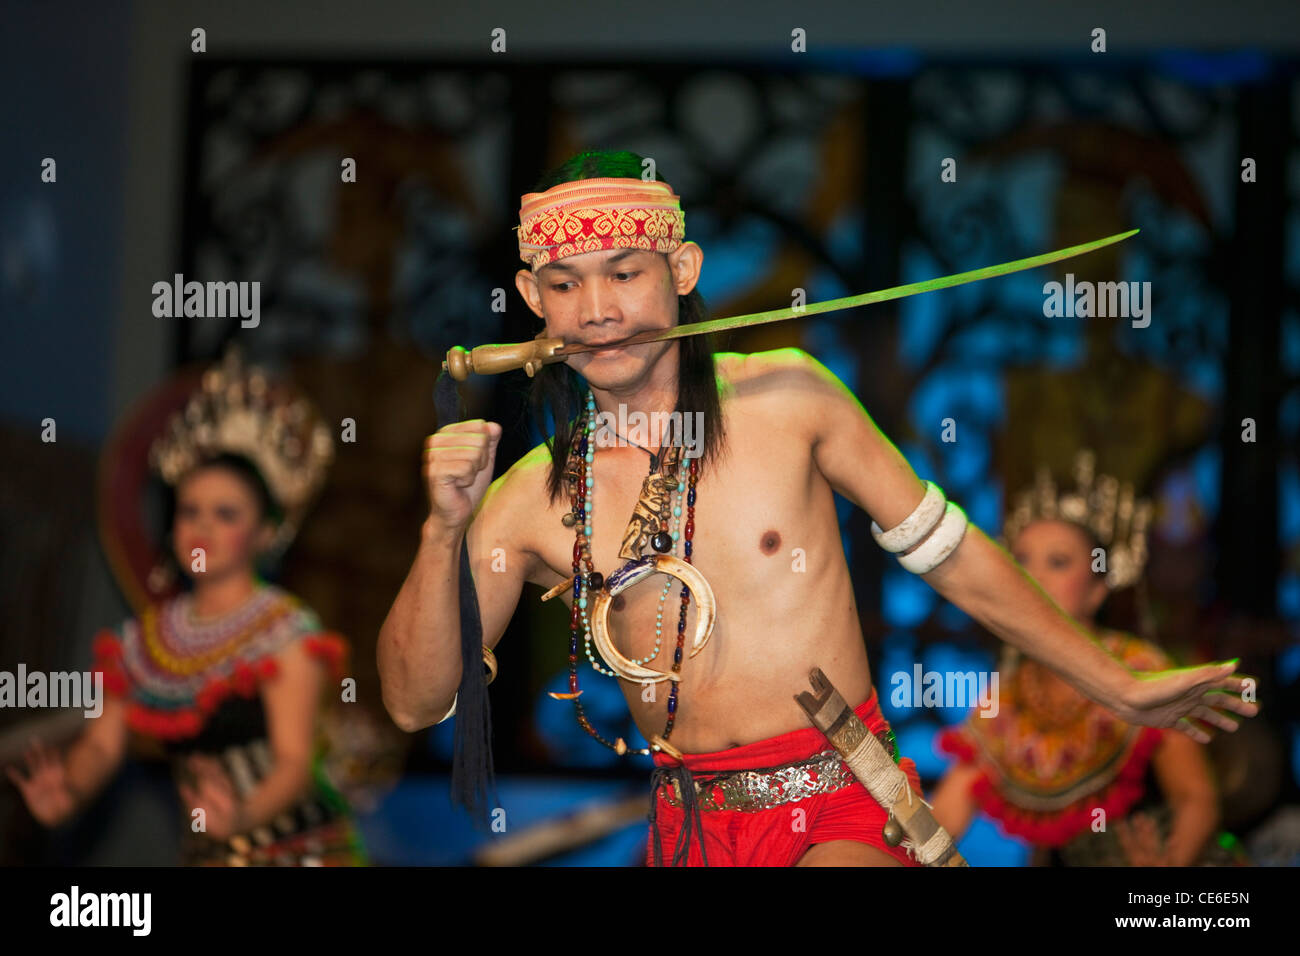 Dayak dance performance at the Sarawak Cultural Village, Damai Beach. Kuching, Sarawak, Borneo, Malaysia - Stock Image